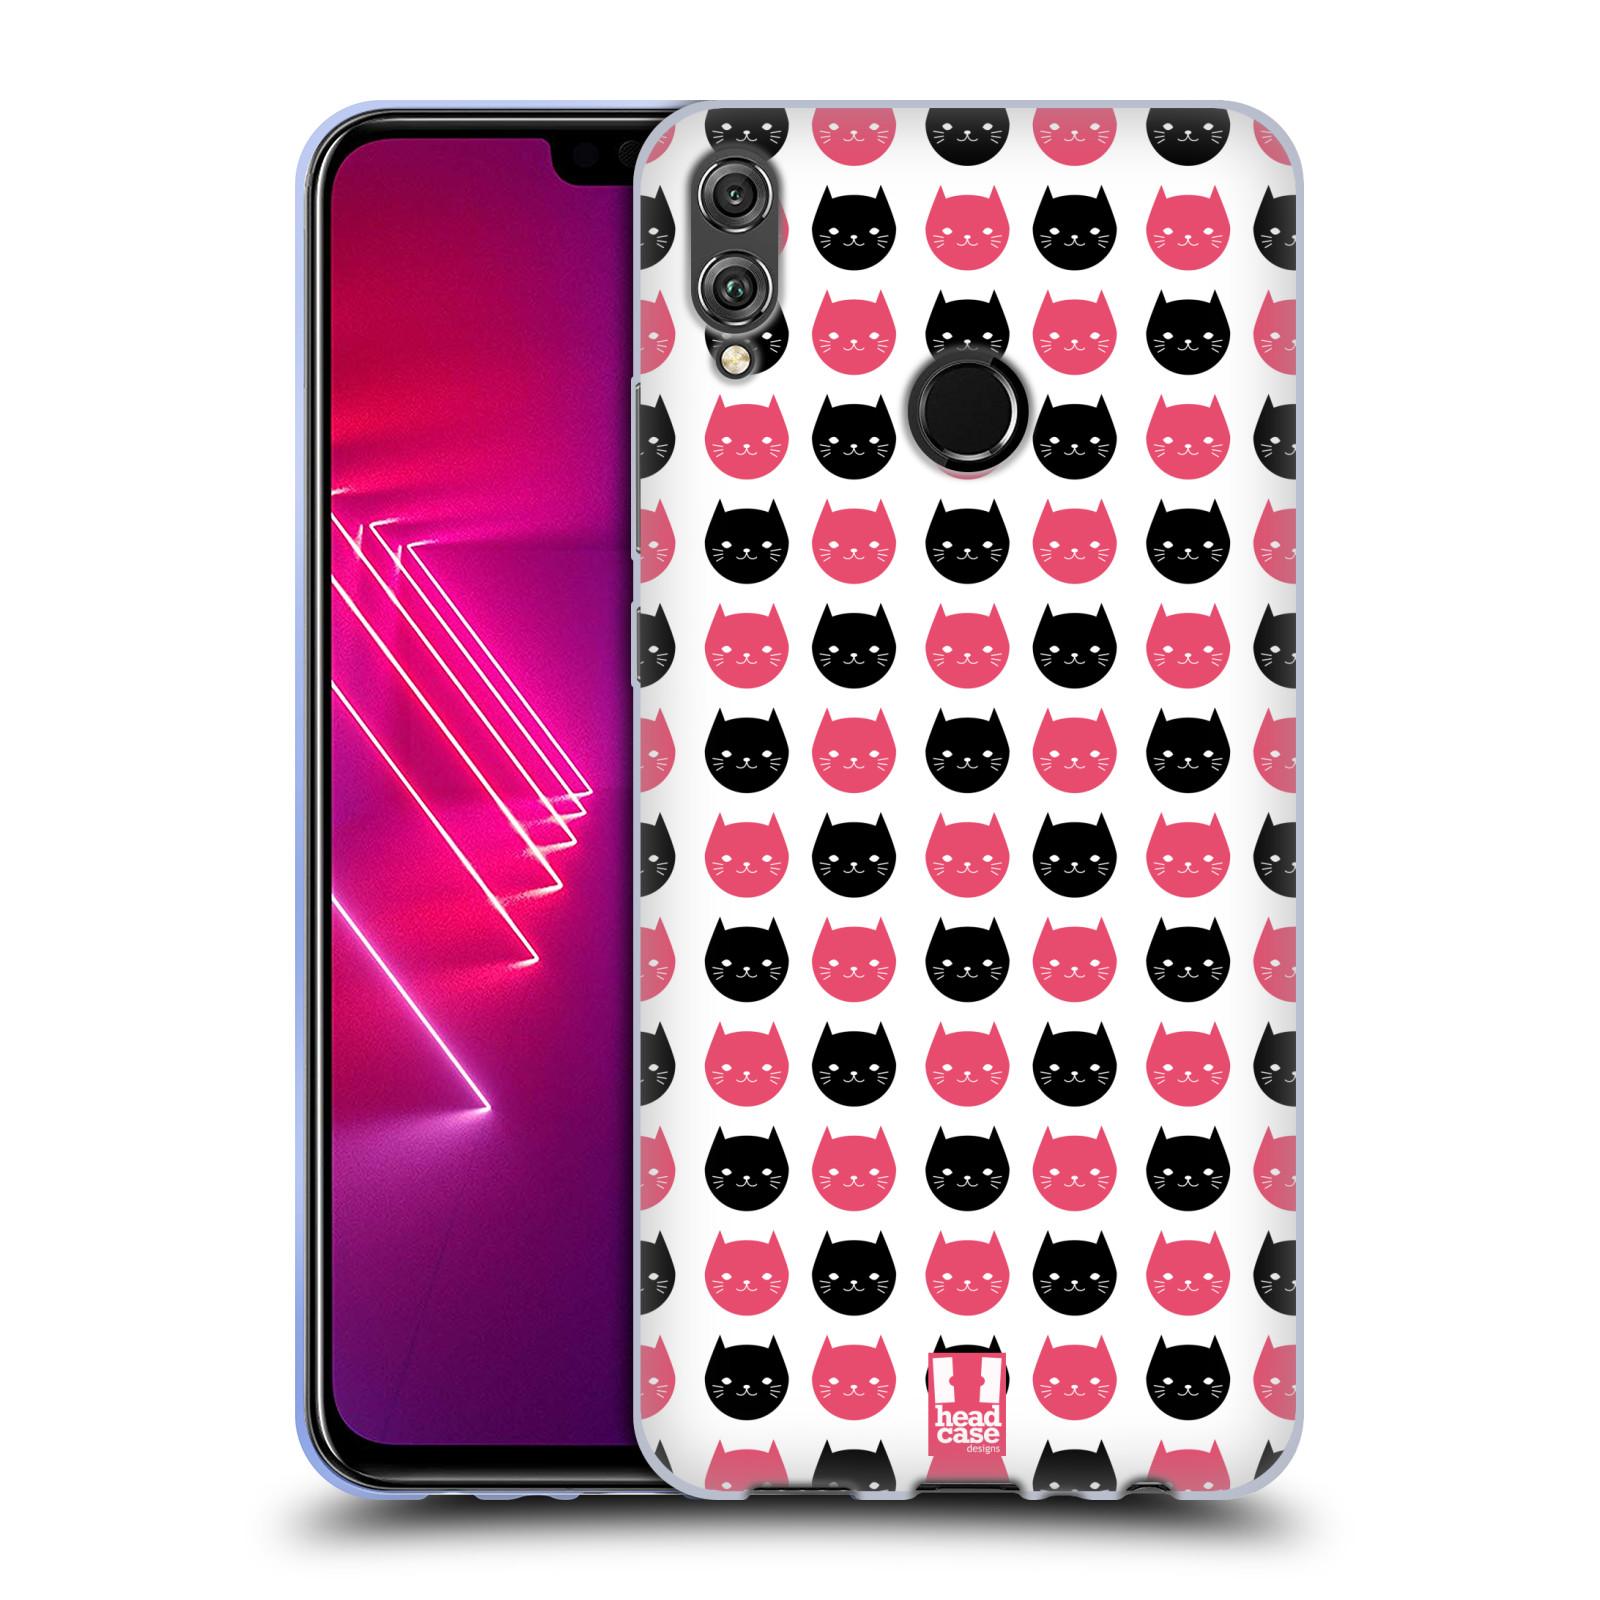 Silikonové pouzdro na mobil Honor View 10 Lite - Head Case - KOČKY Black and Pink